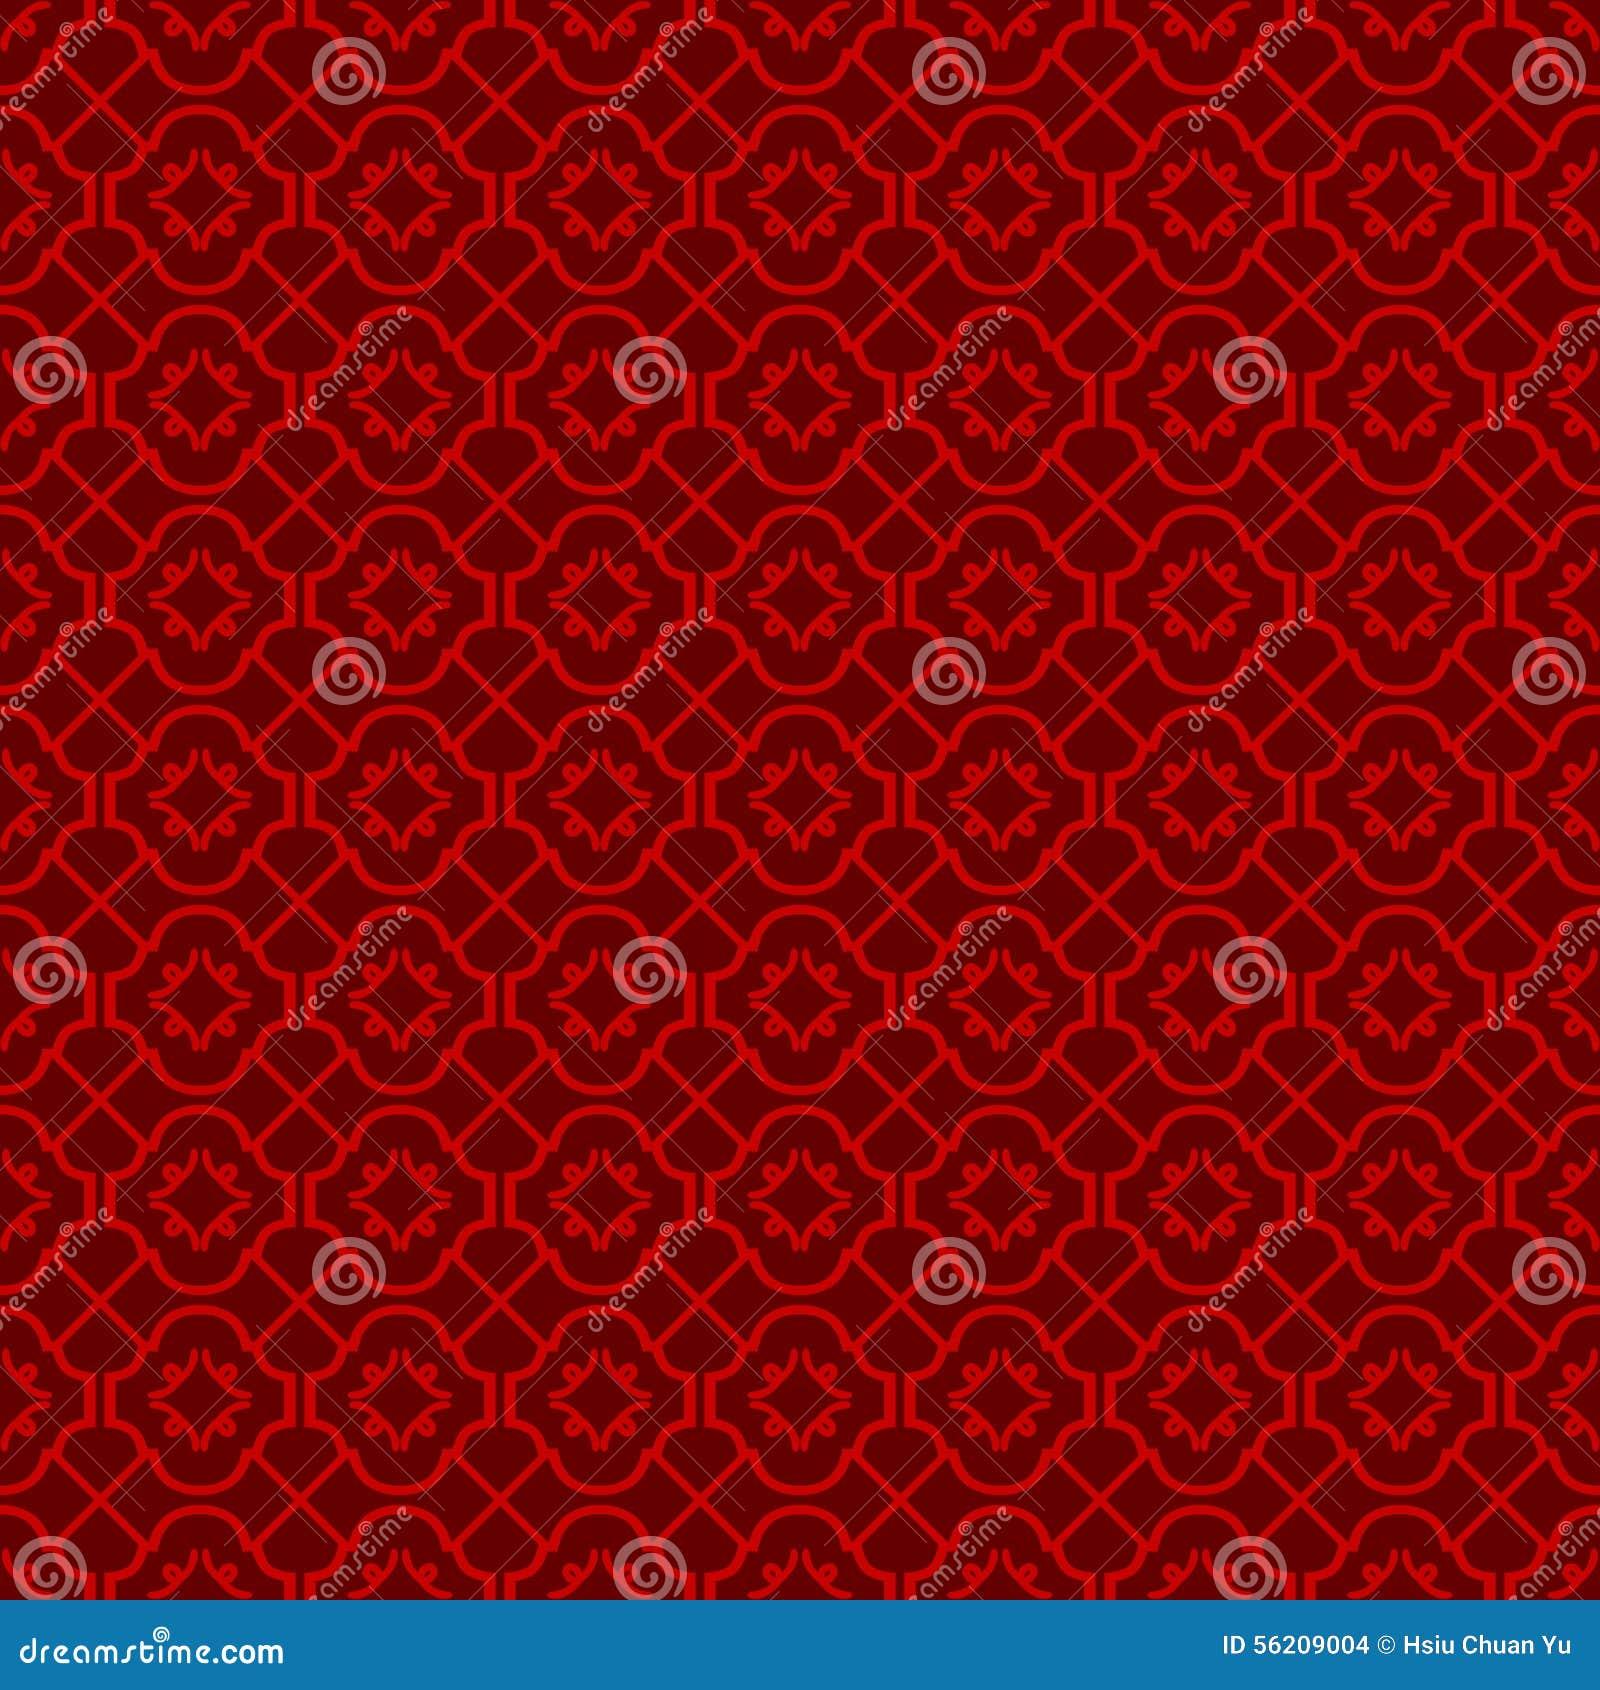 无缝的葡萄酒中国窗口网眼图案十字架线金刚石样式背景